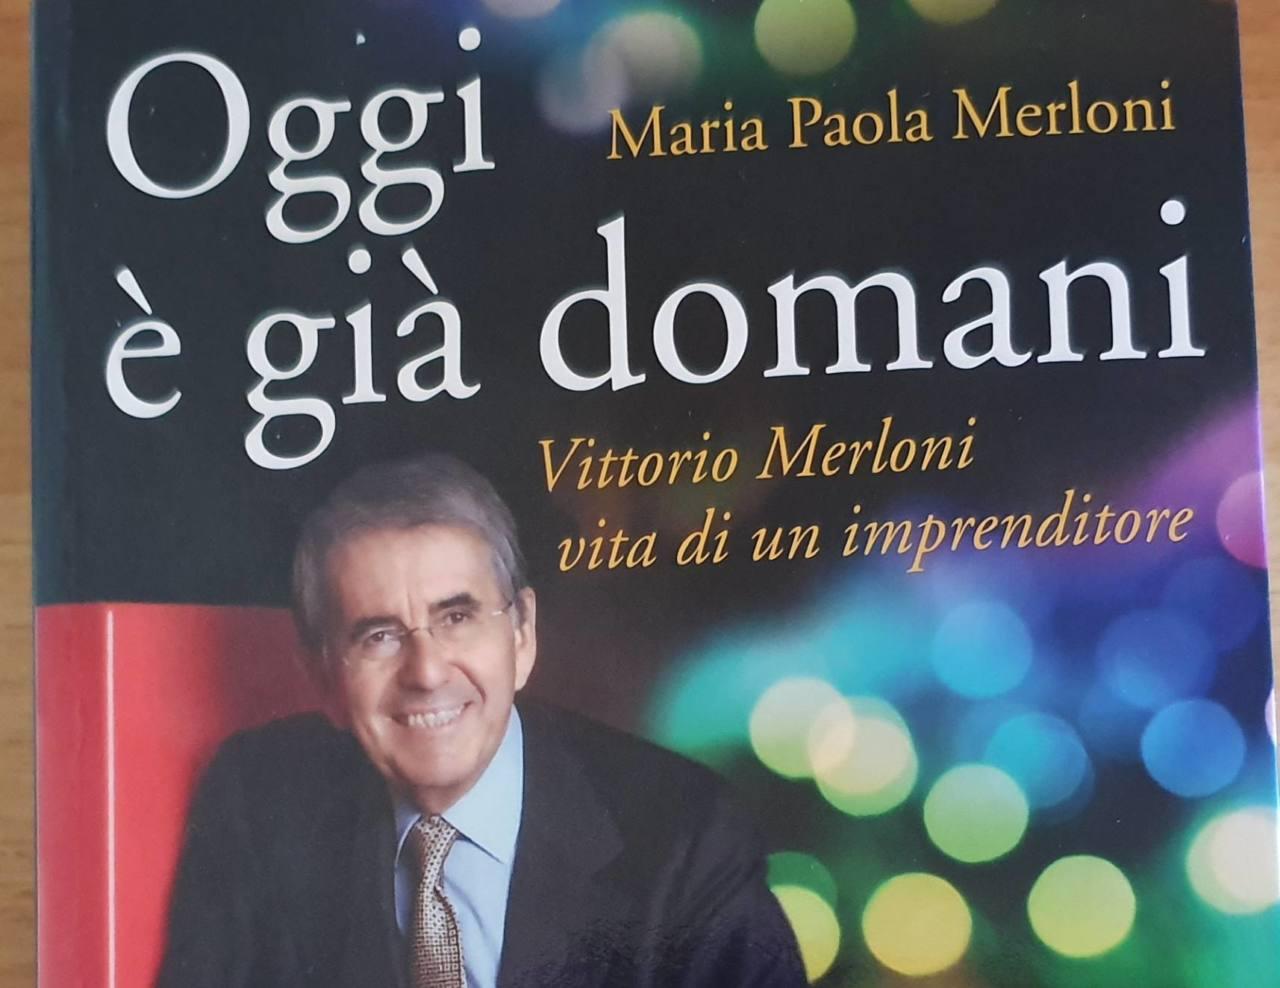 La copertina del libro scritto da Maria Paola Merloni